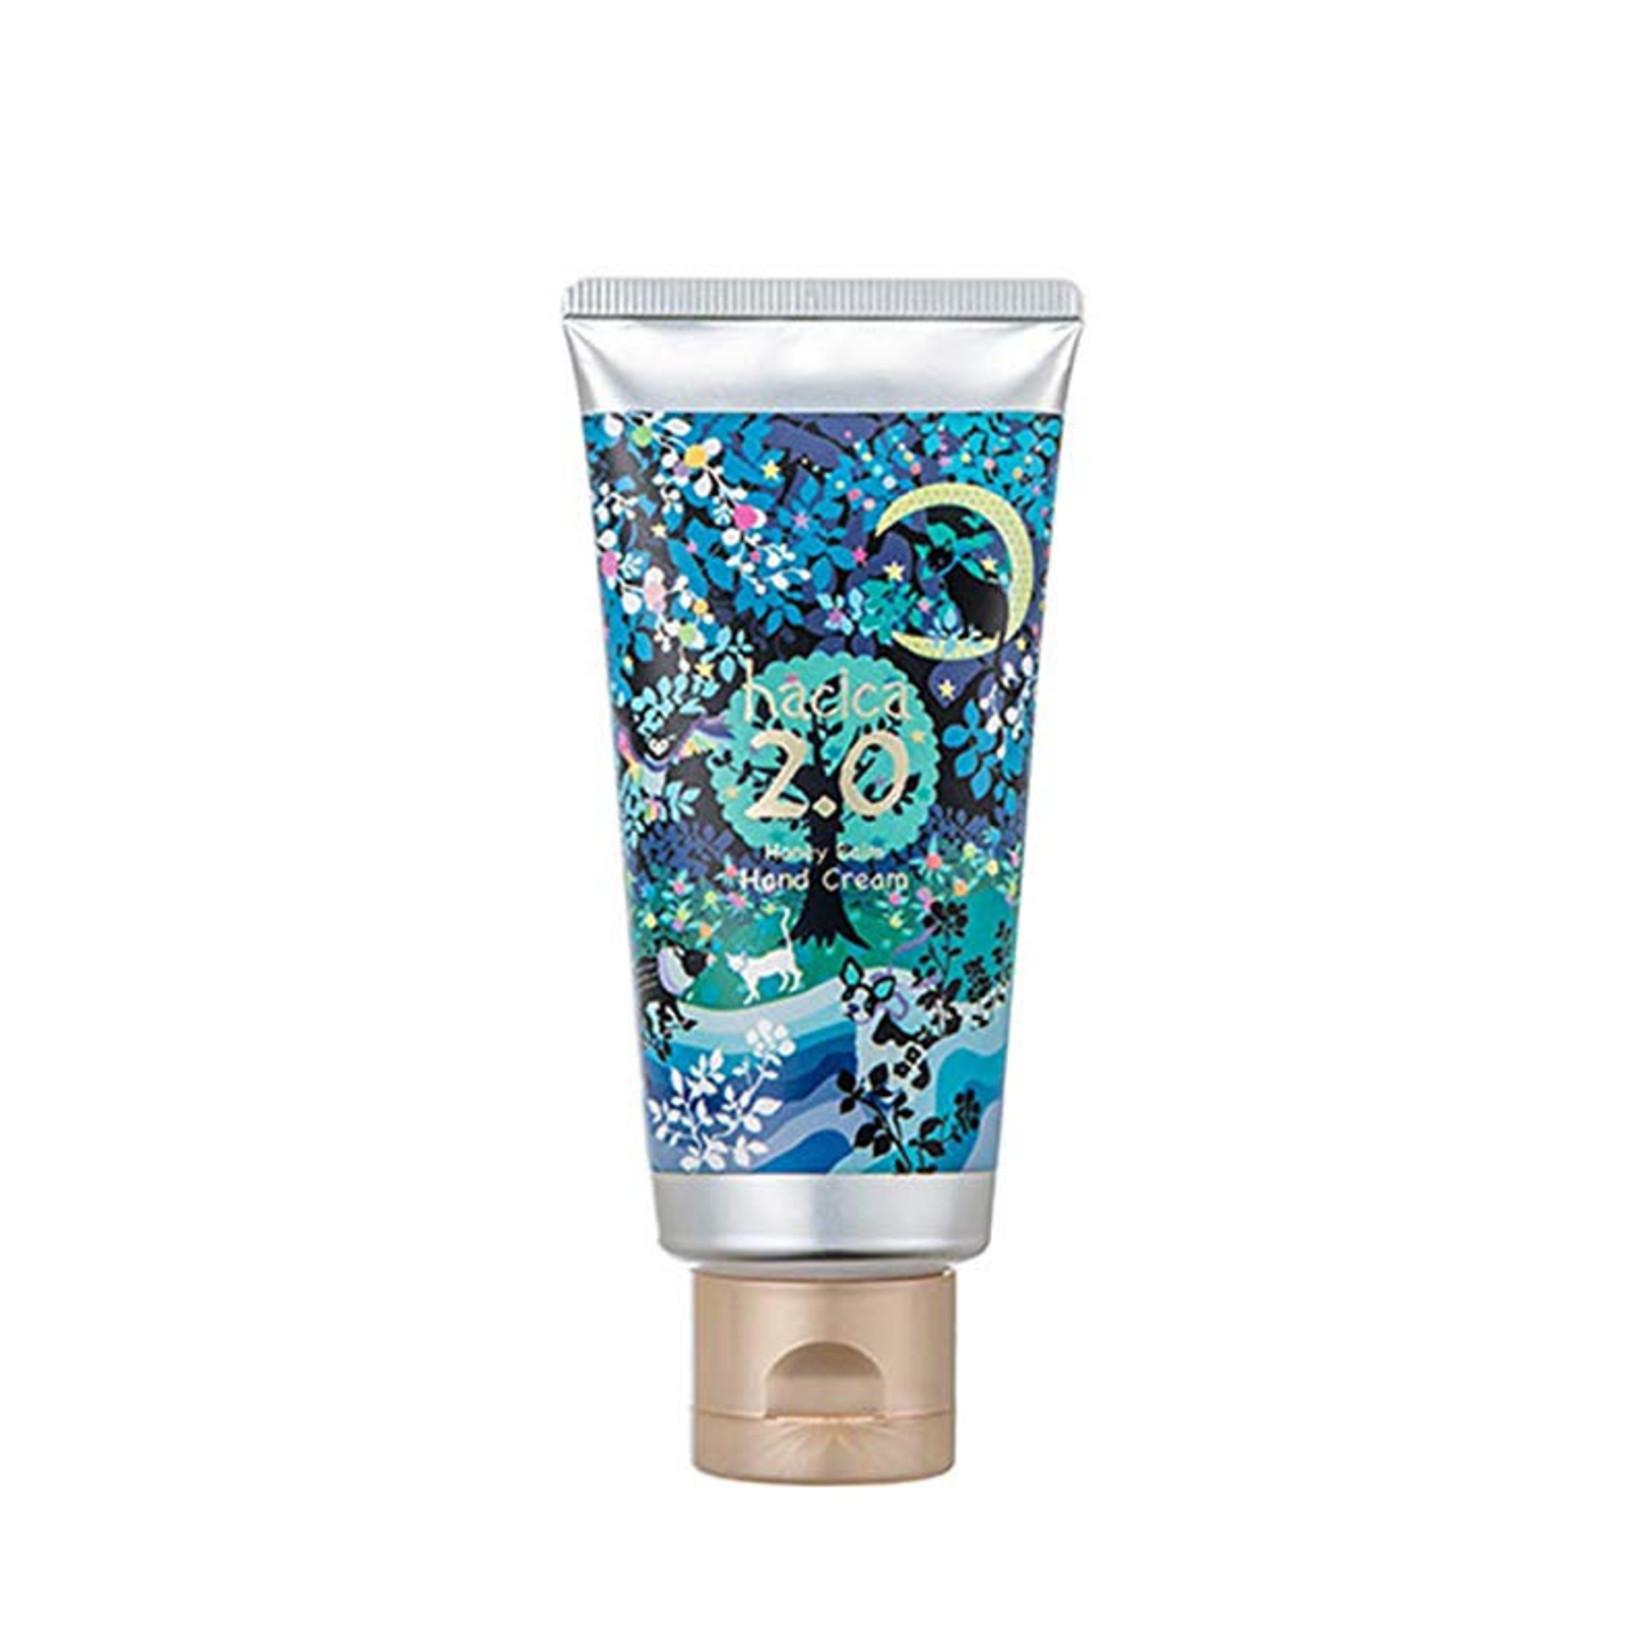 Vicrea Vicrea &Honey Balm Hand & Body Cream 2.0 Limited 60g